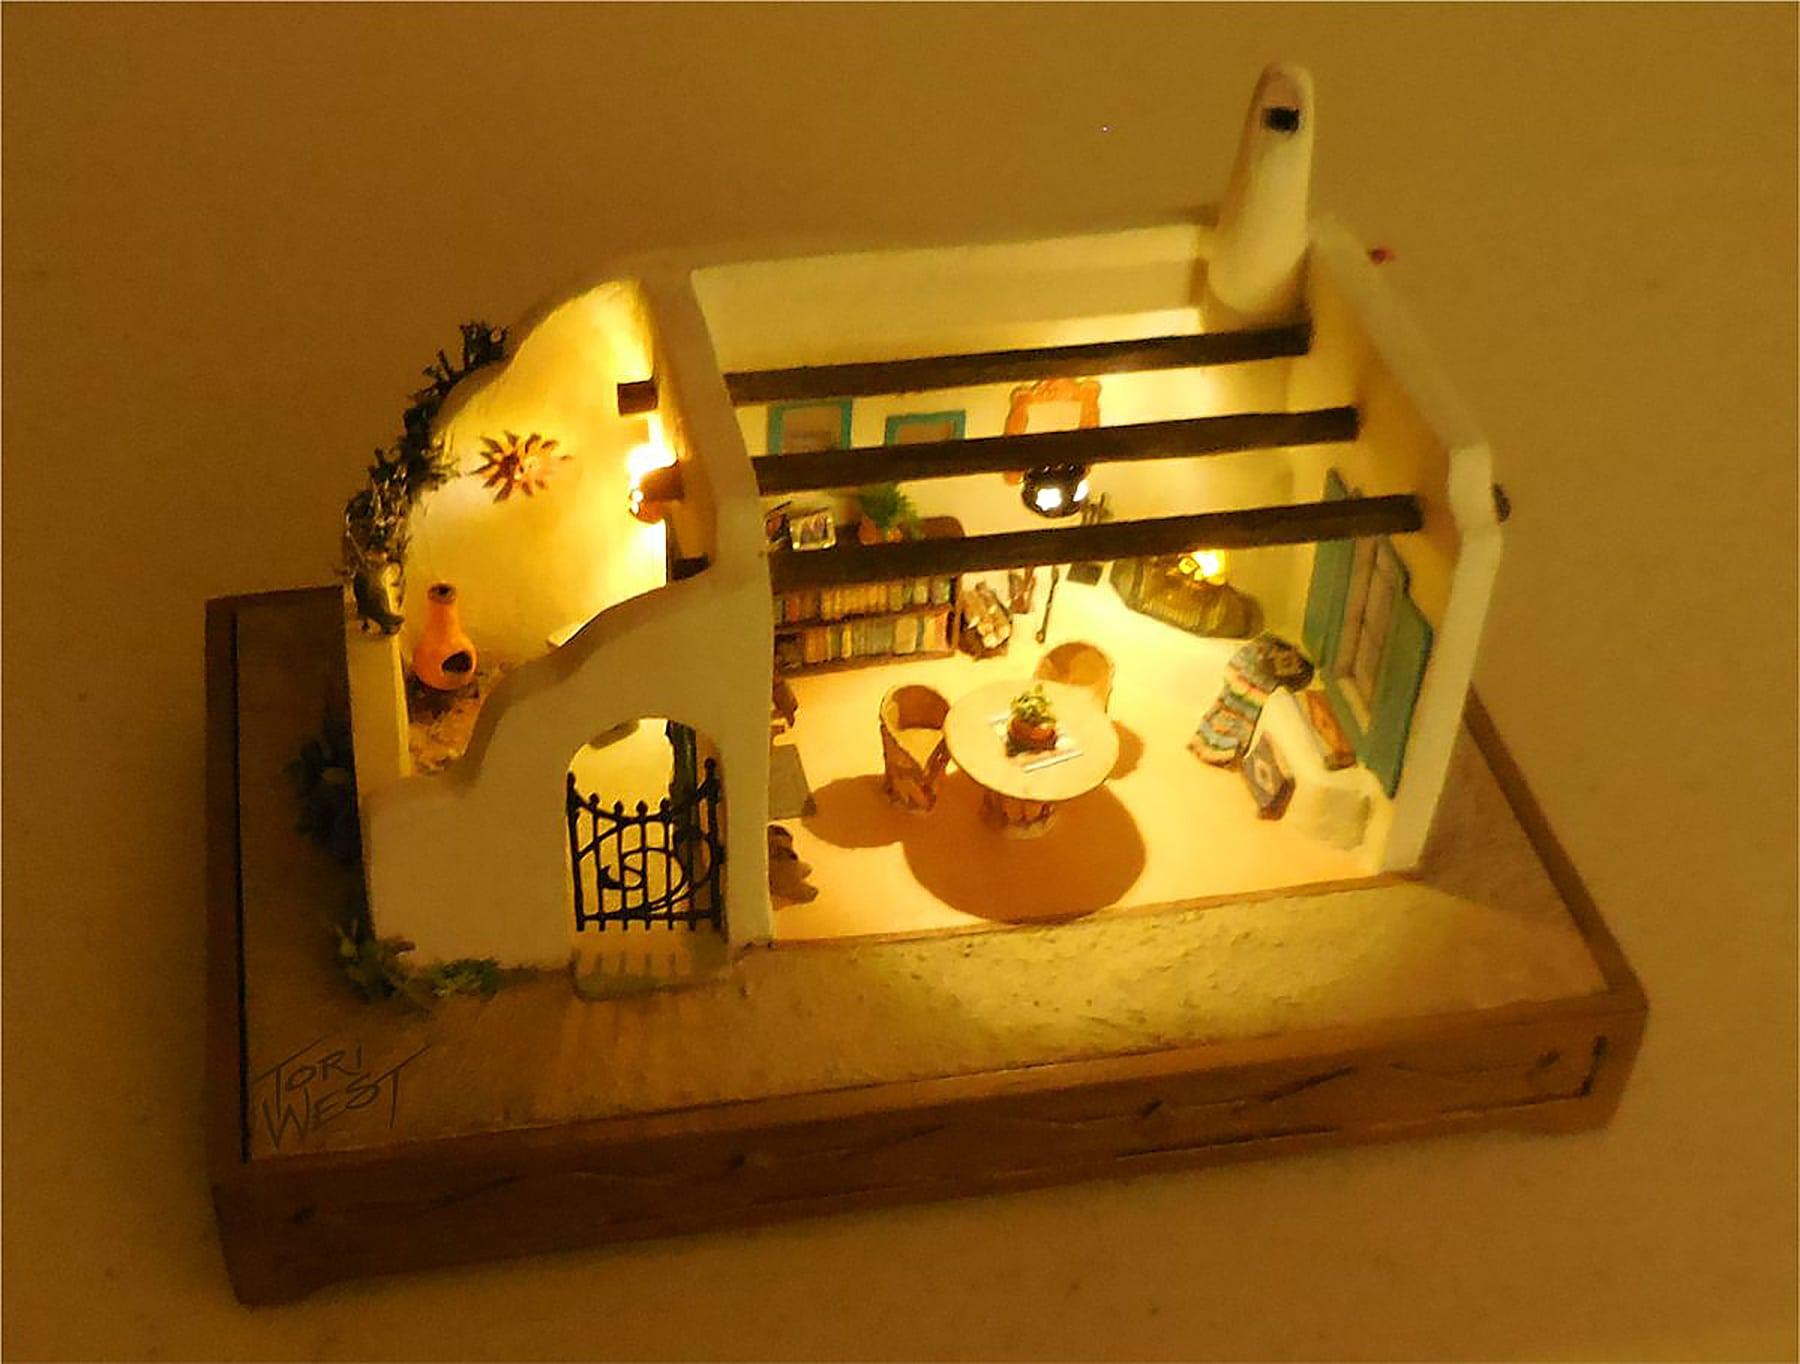 1/8th scale casita by Tori West